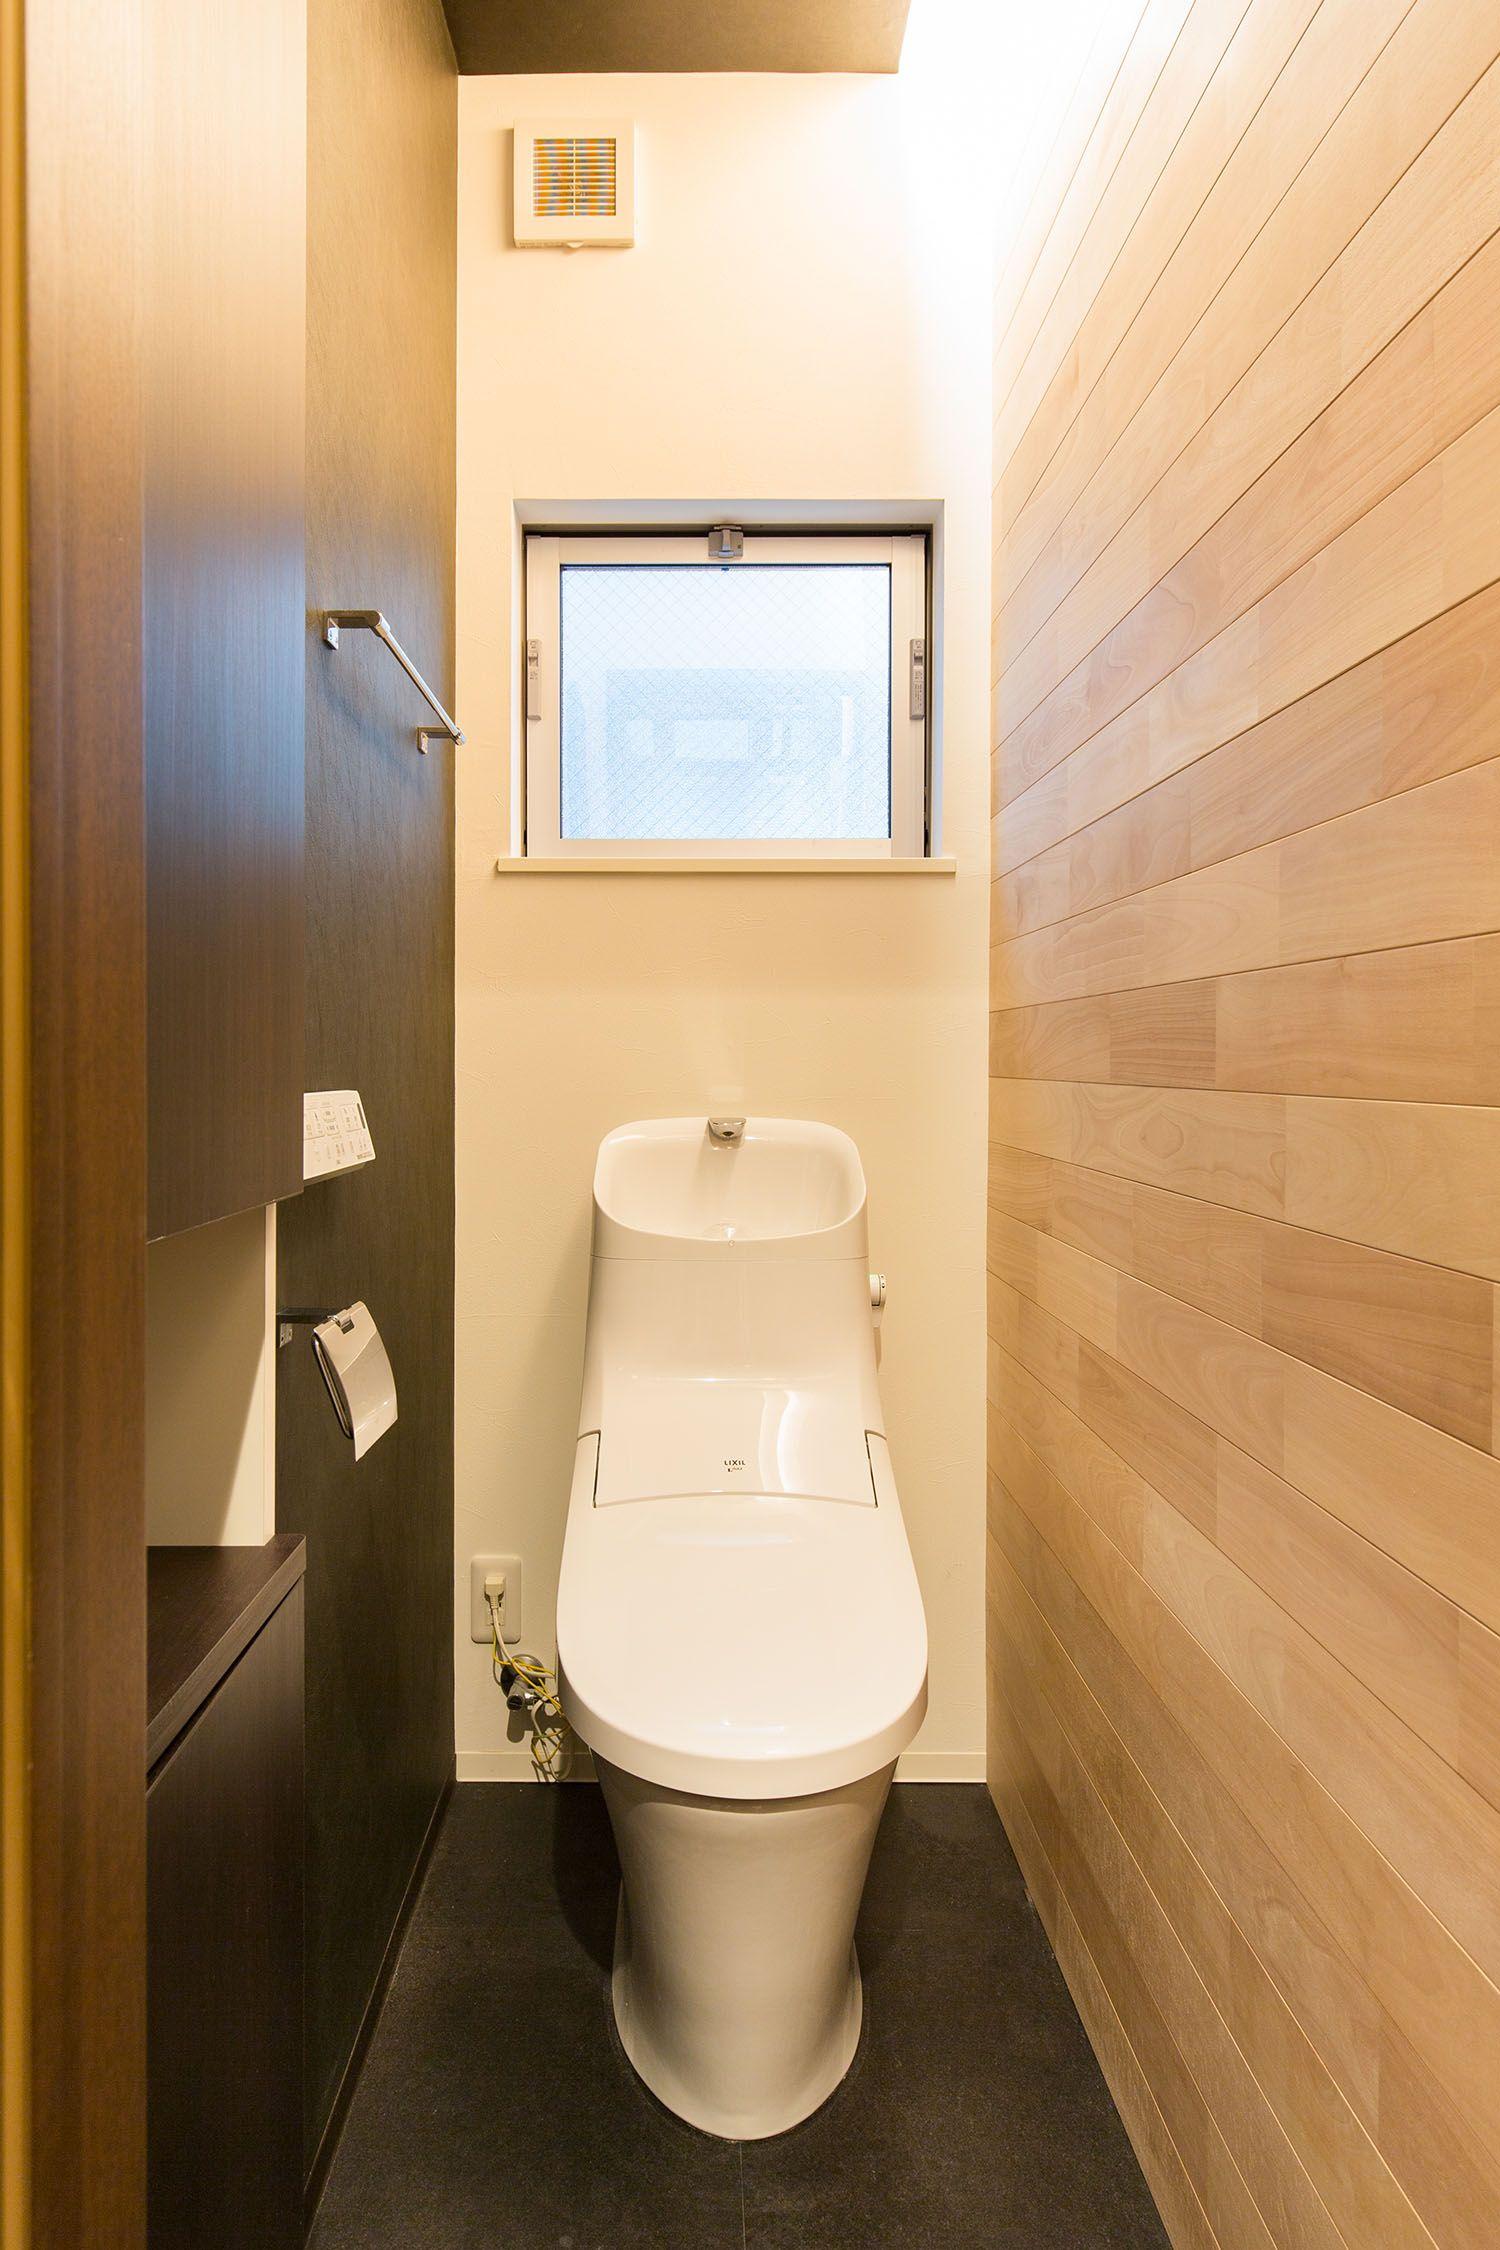 トイレの壁にも節がないつるっとした木を使用 黒いクロスと床のクッションフロアともよく合い 間接照明でより引き立っています 家 新築一戸建て 一戸建て